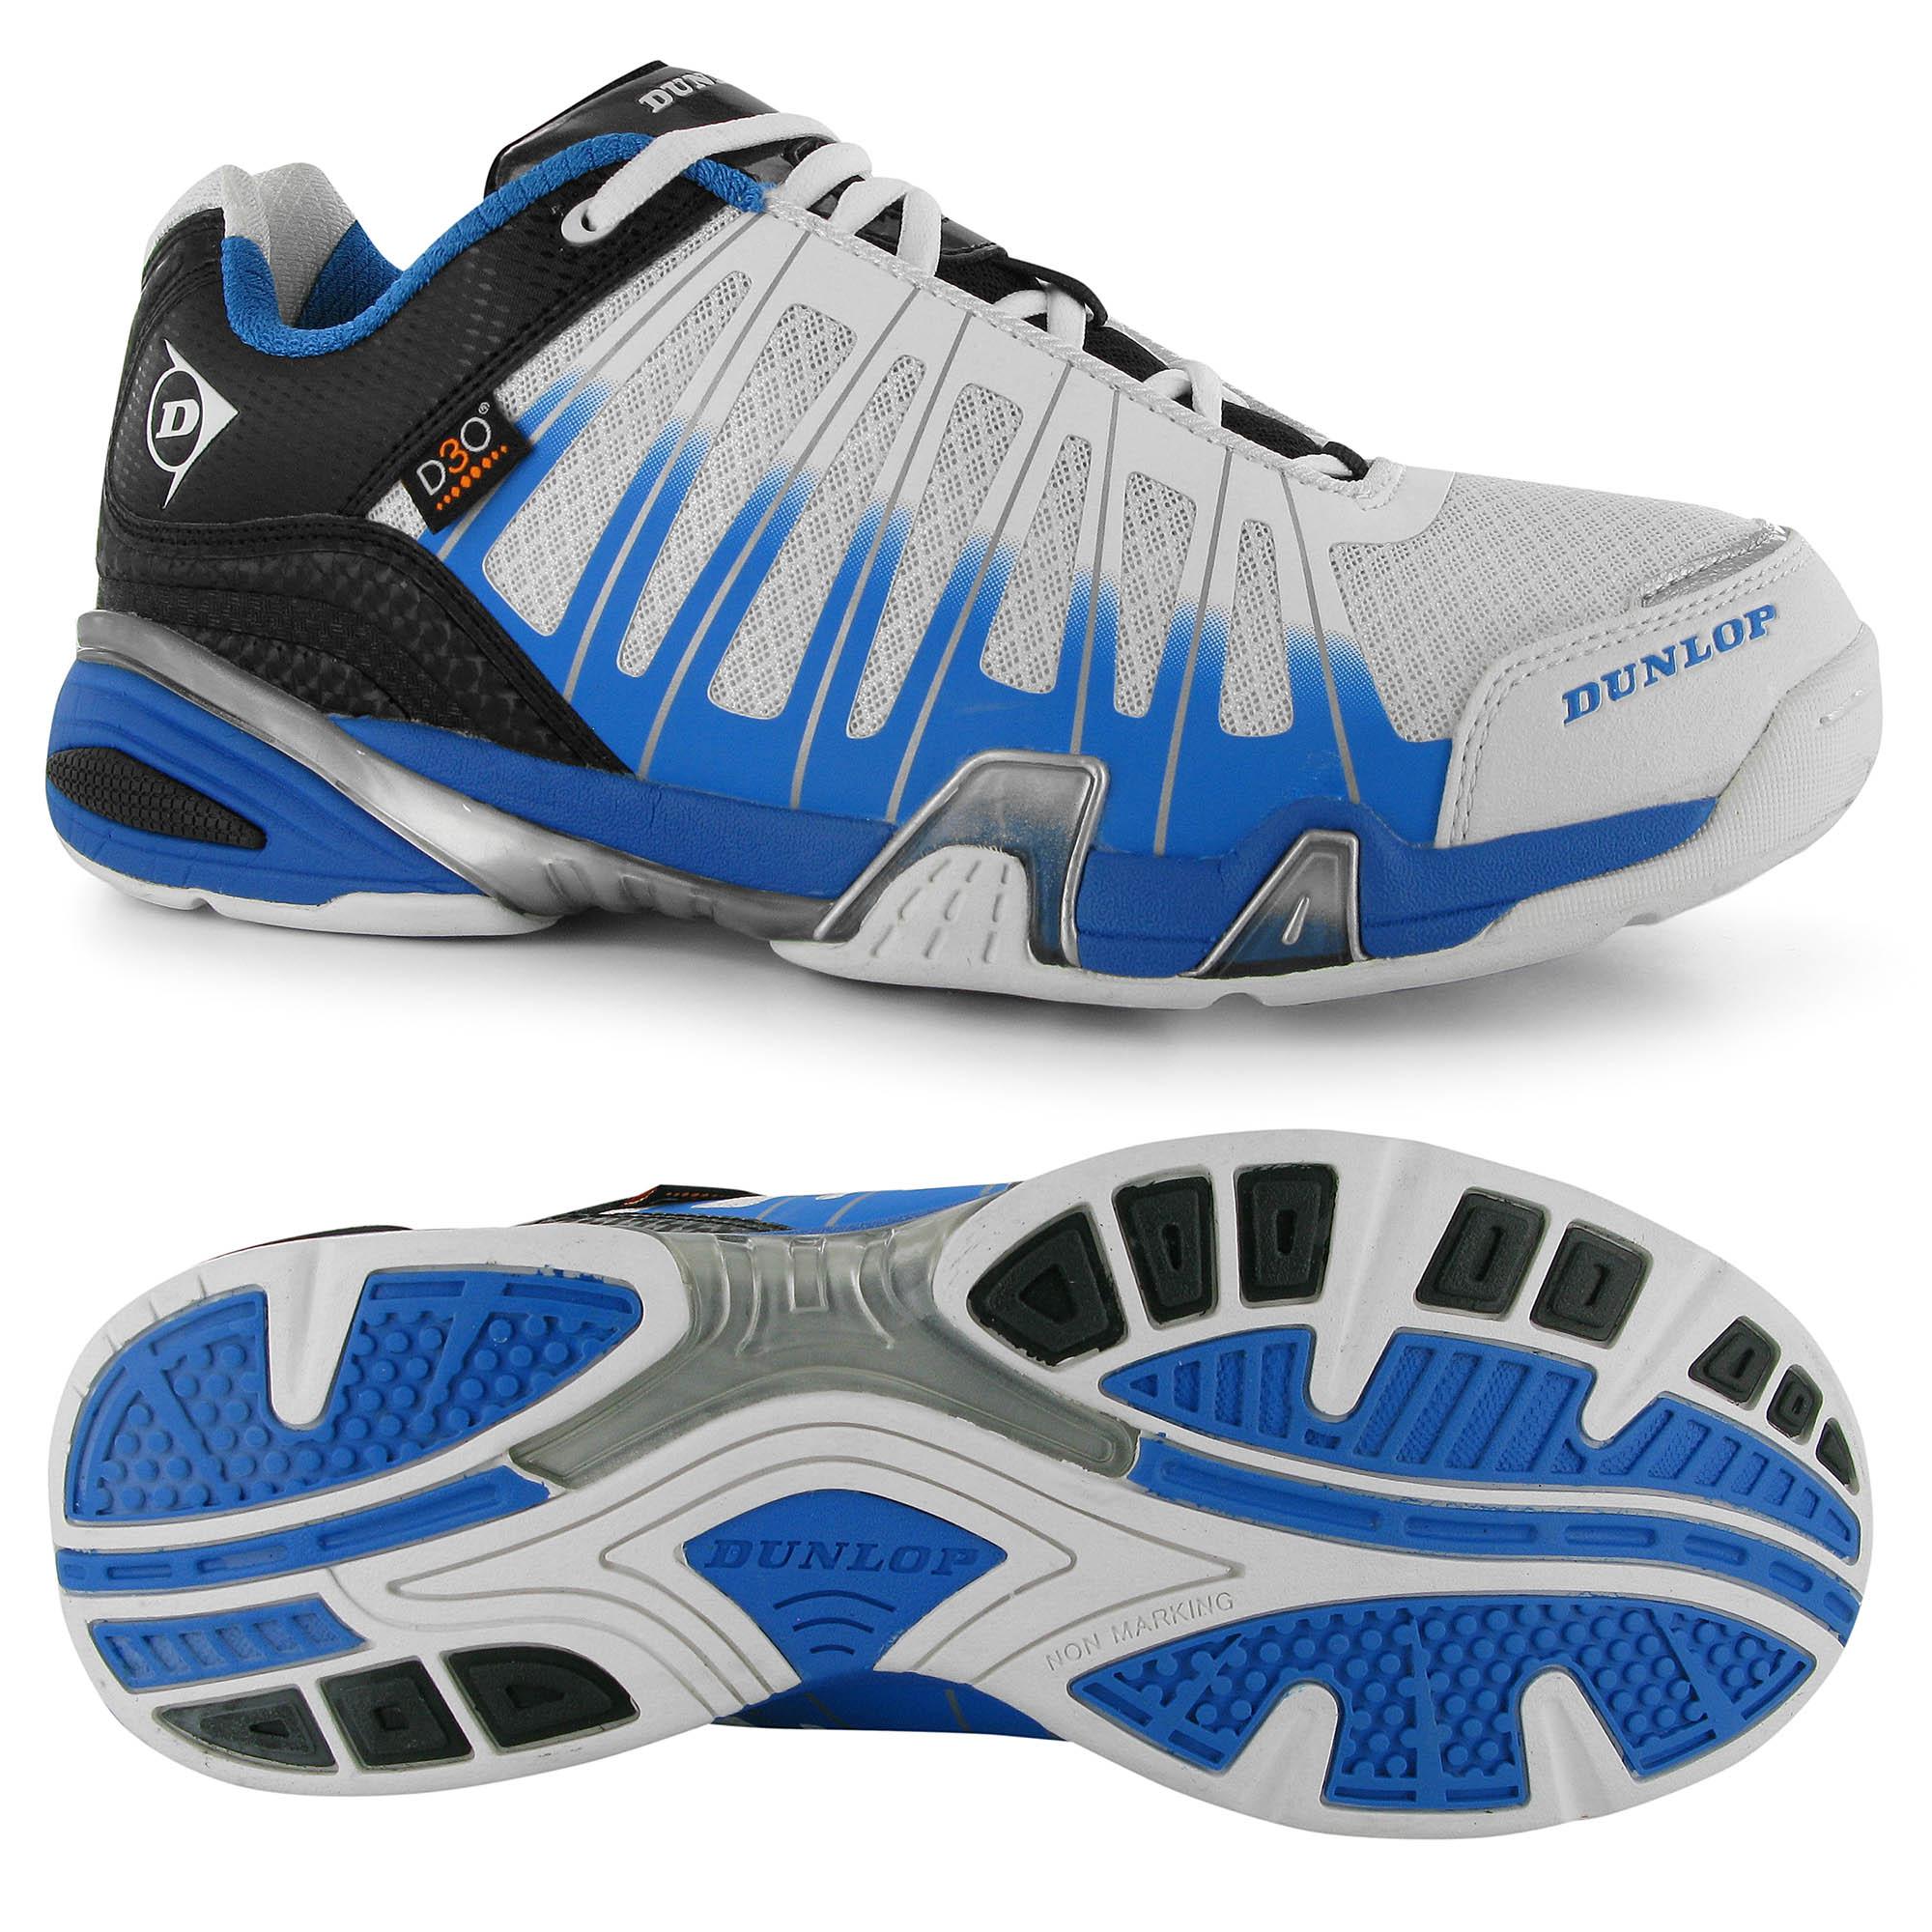 Dunlop Ultimate Lite Mens Court Shoes